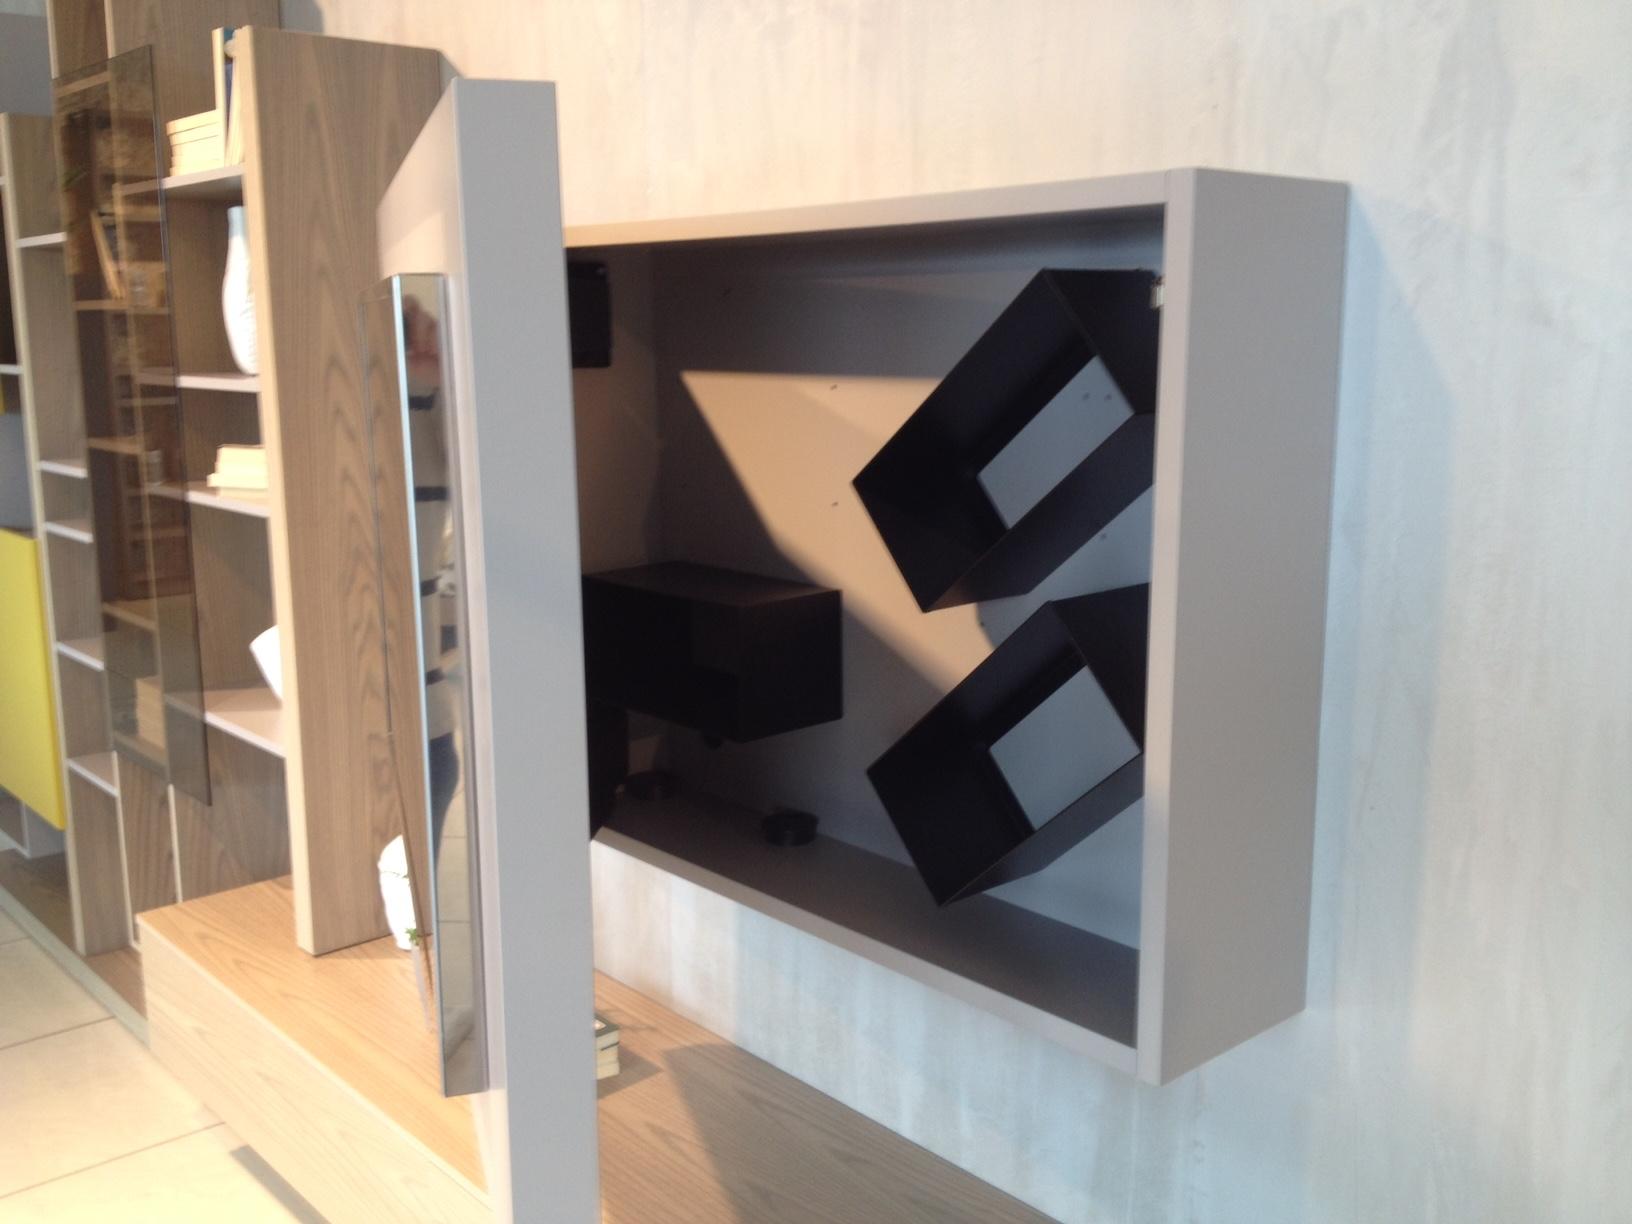 soggiorno fimar completo di porta tv orientabile - soggiorni a ... - Soggiorno Fimar 2